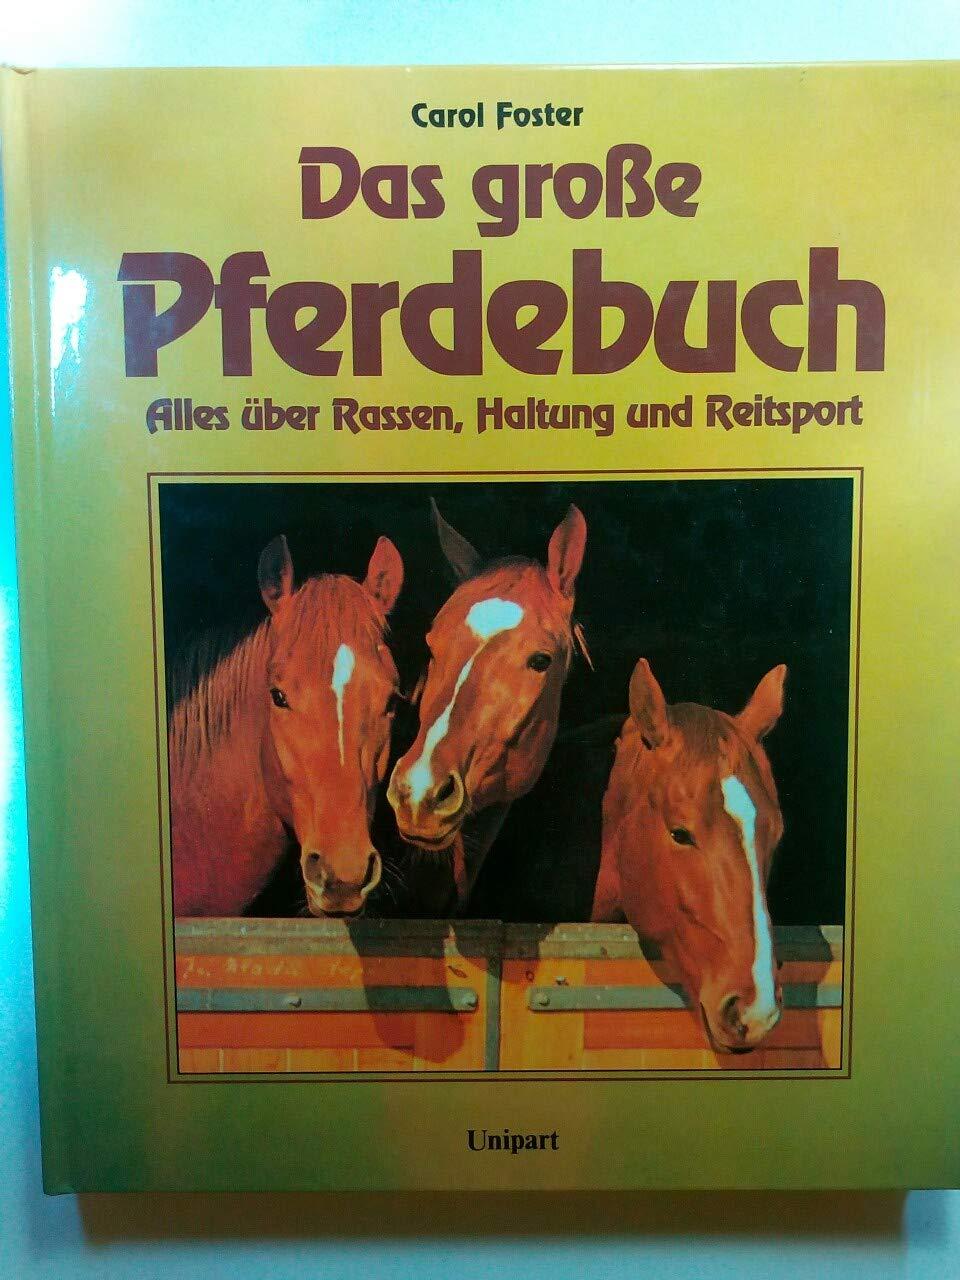 Das grosse Pferdebuch : alles über Rassen, Haltung und Reitsport.